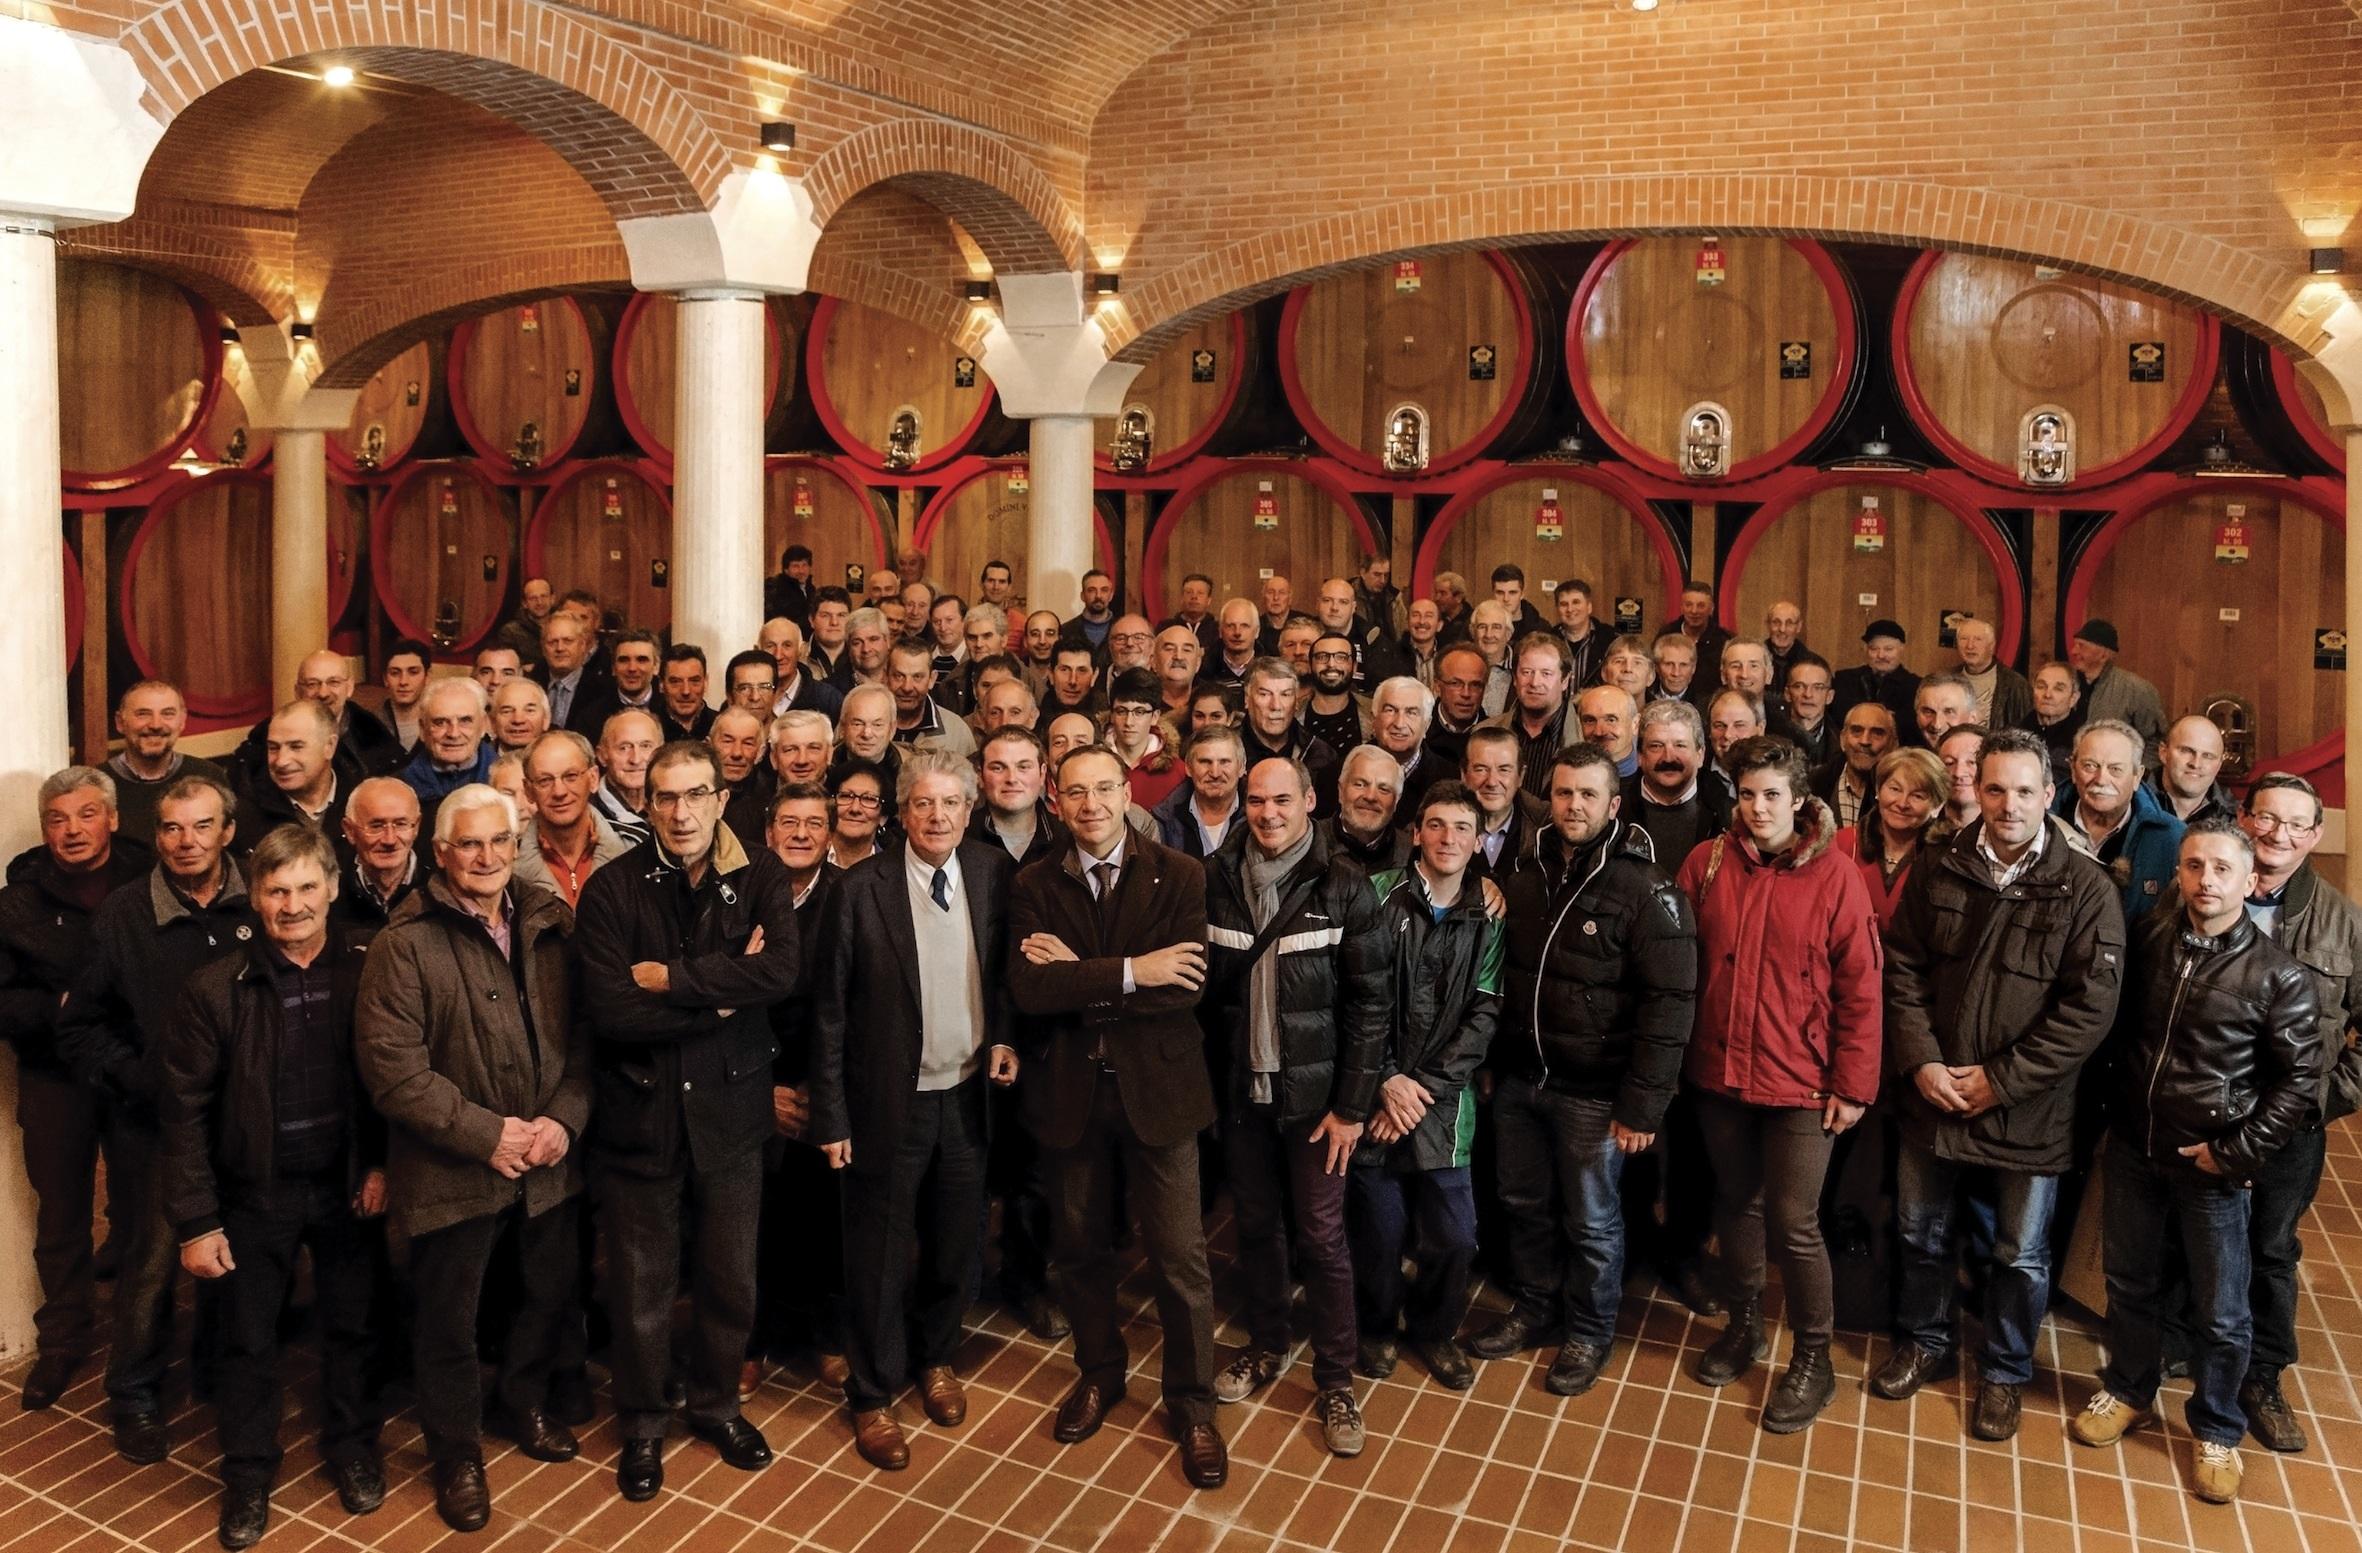 Weinwirtschaft, Cantina Valpolicella Negrar è la migliore cooperativa vitivinicola d'Italia